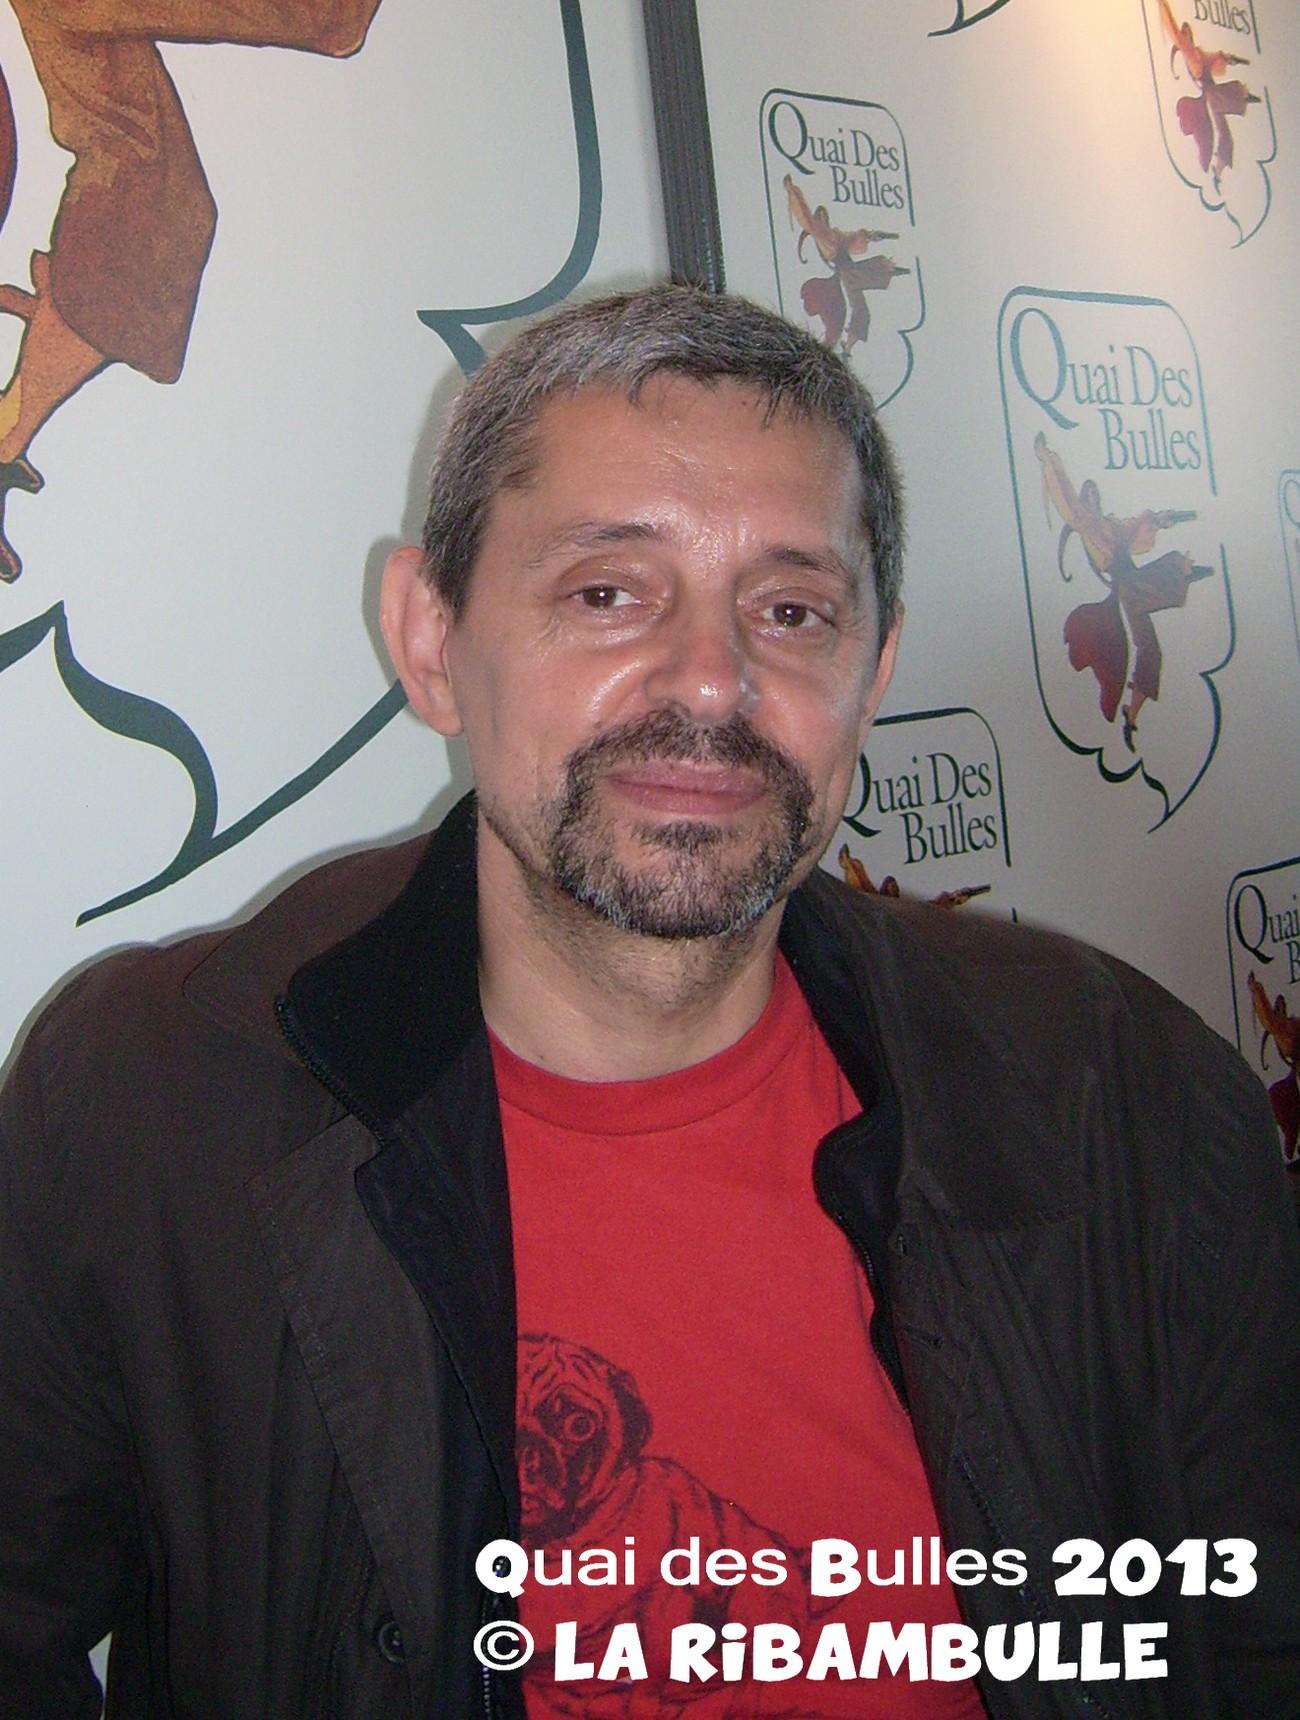 Buchet2013